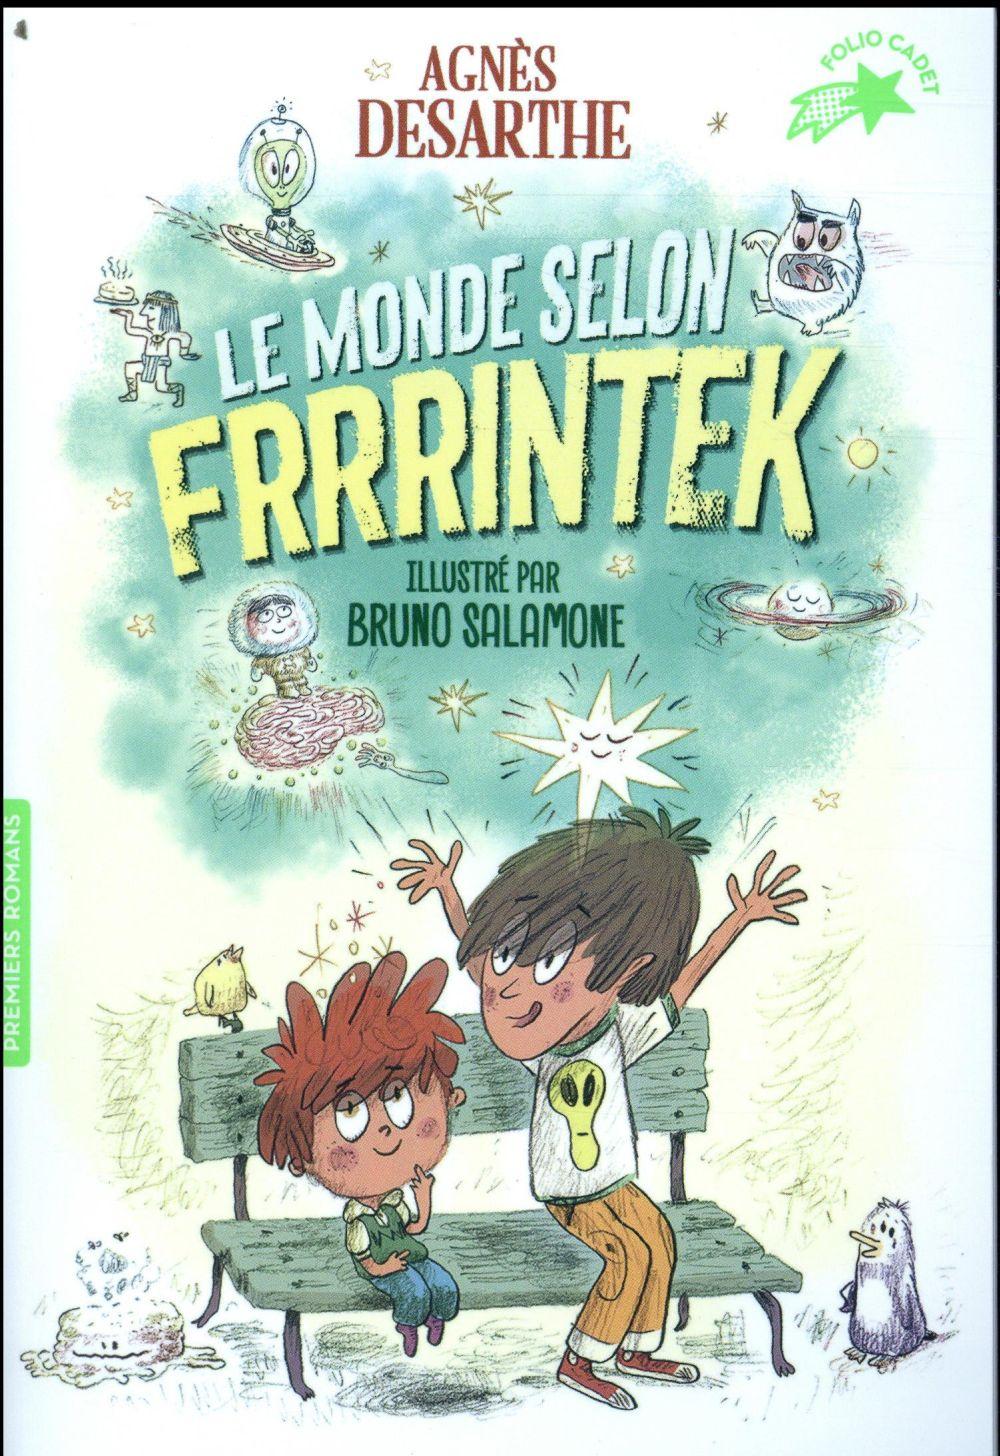 LE MONDE SELON FRRRINTEK